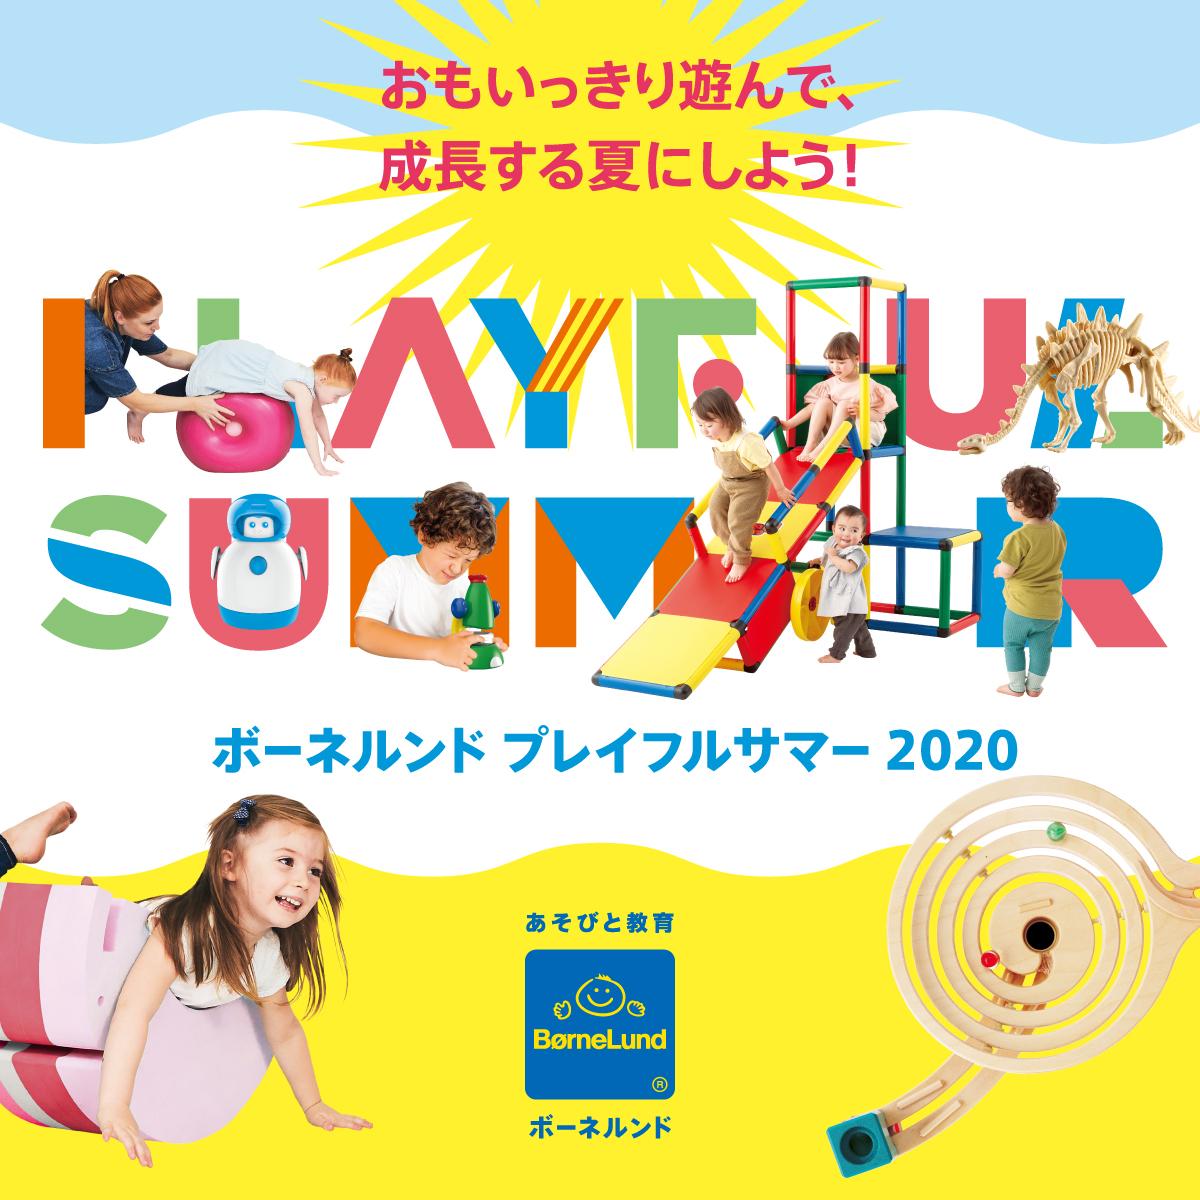 Playful Summer 2020  ~思いっきり遊んで、成長する夏にしよう~